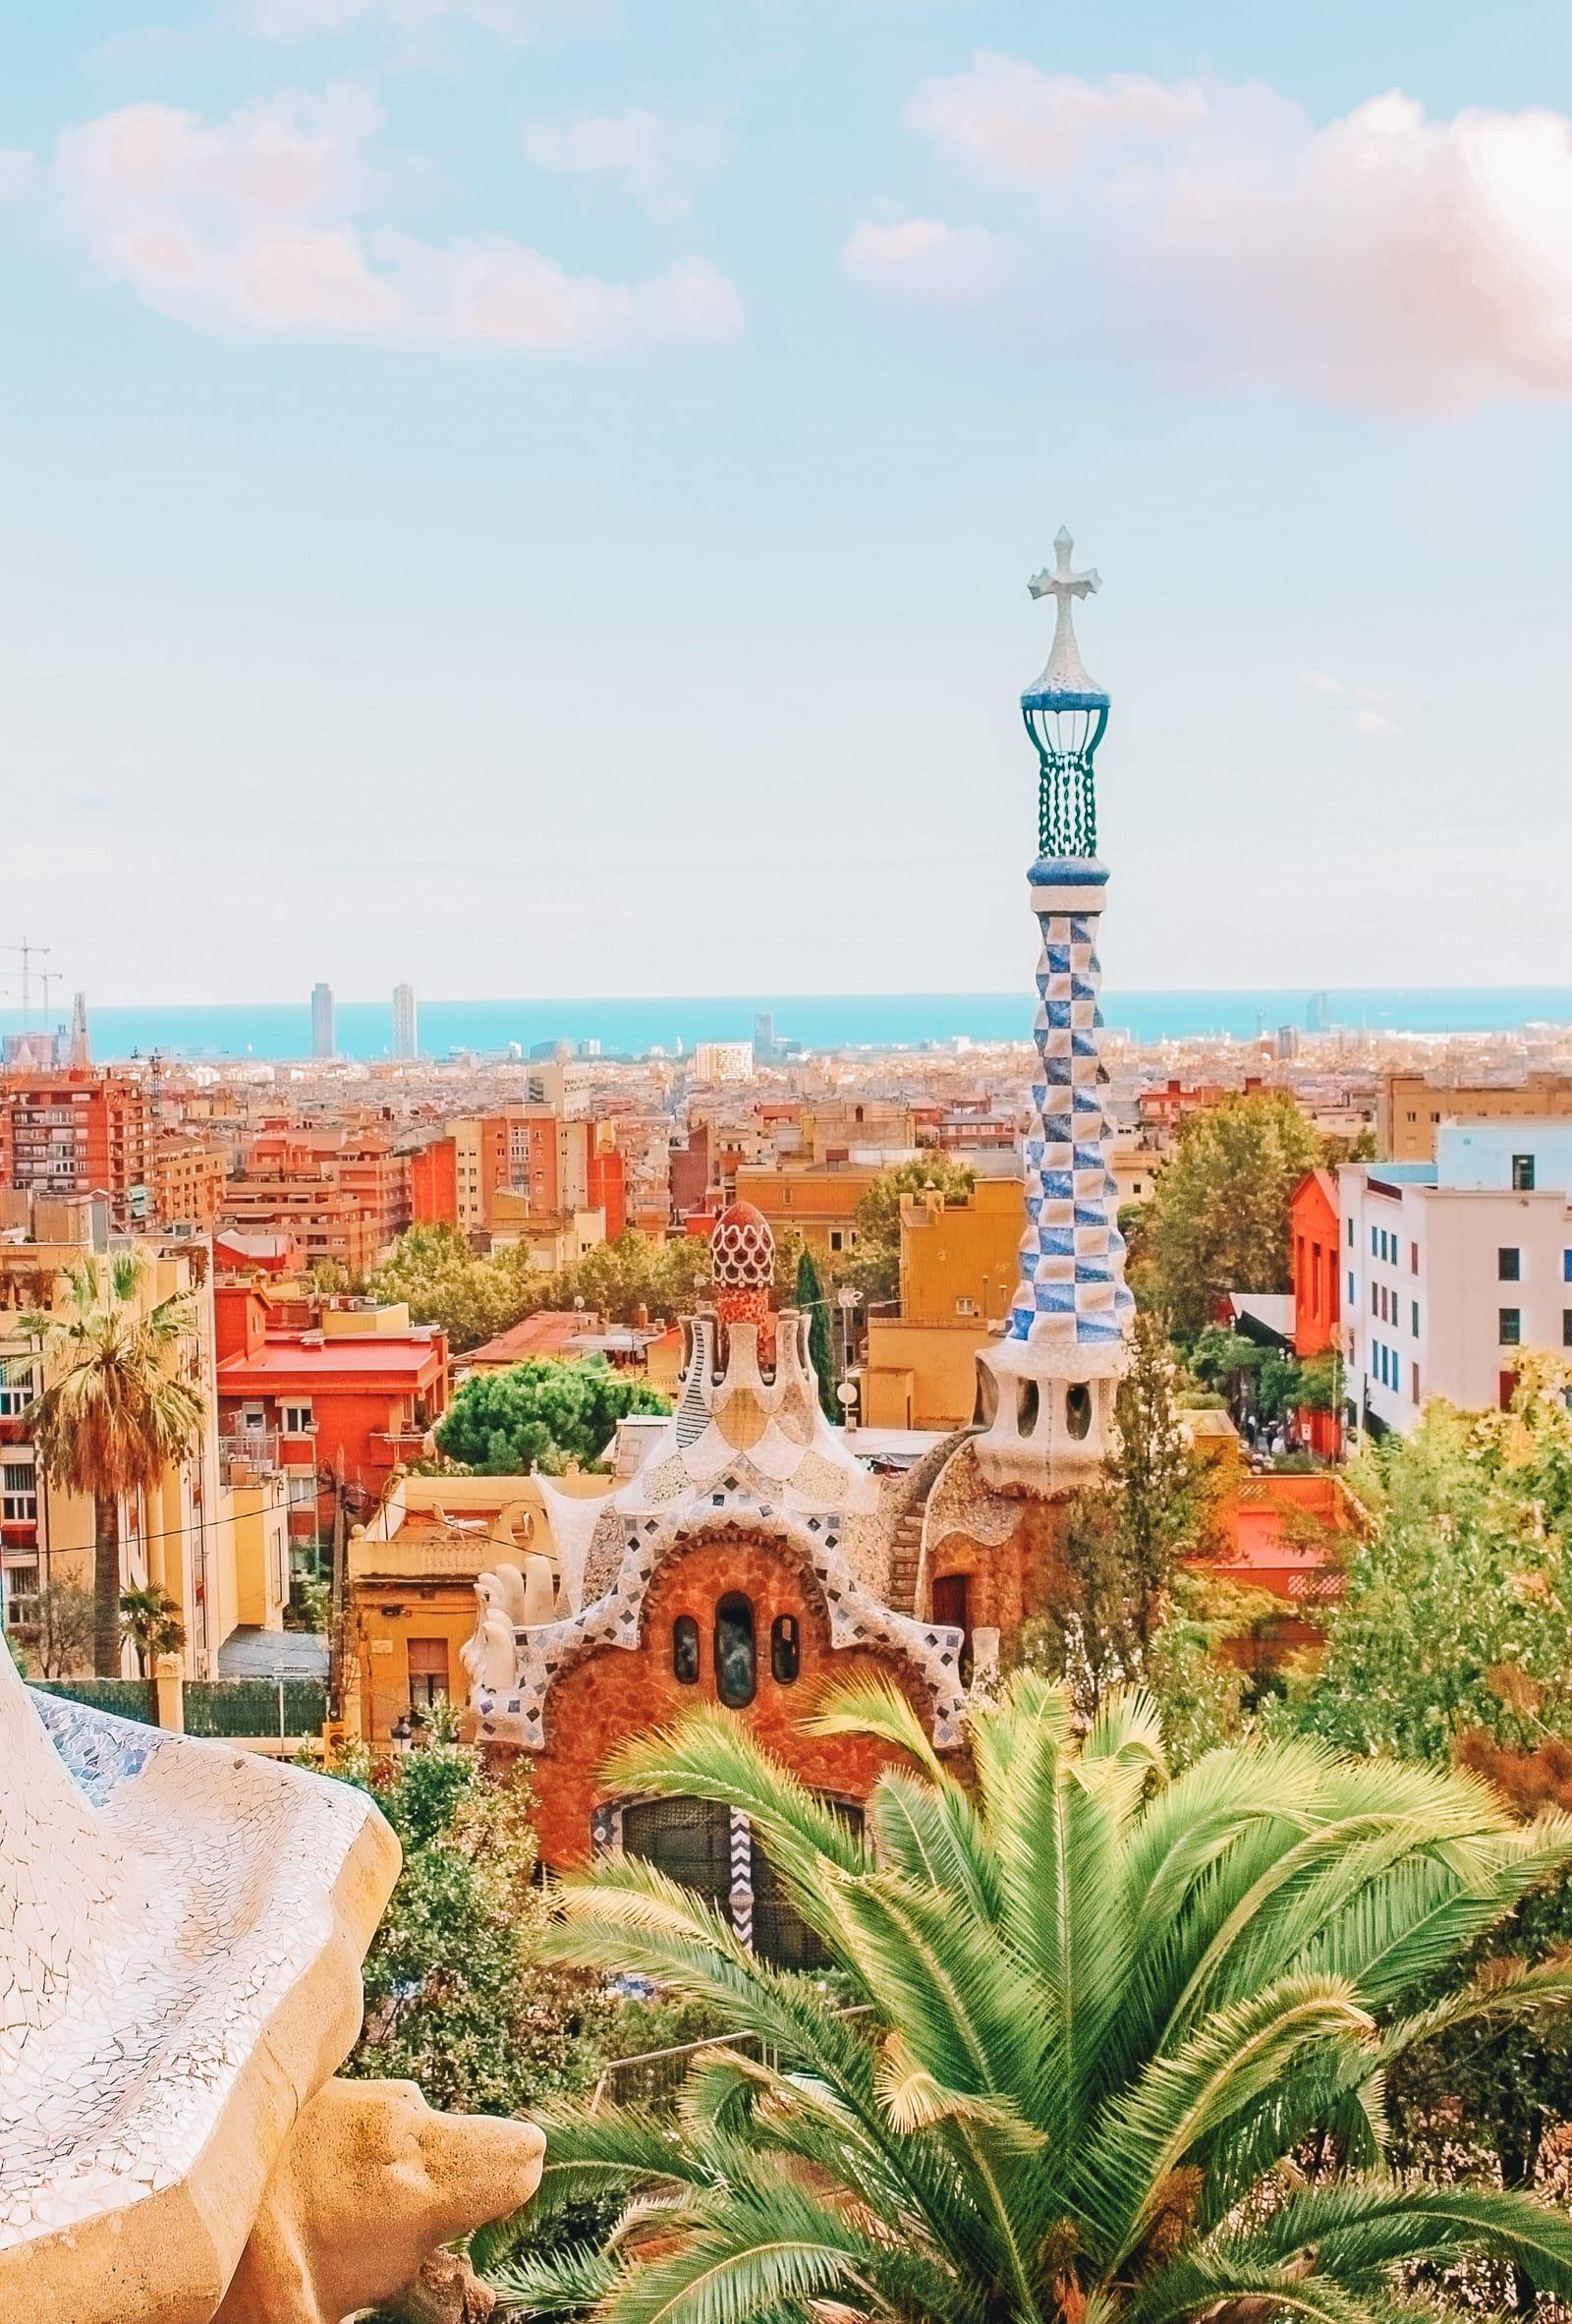 6 Must See Buildings By Gaudi In Barcelona (2)